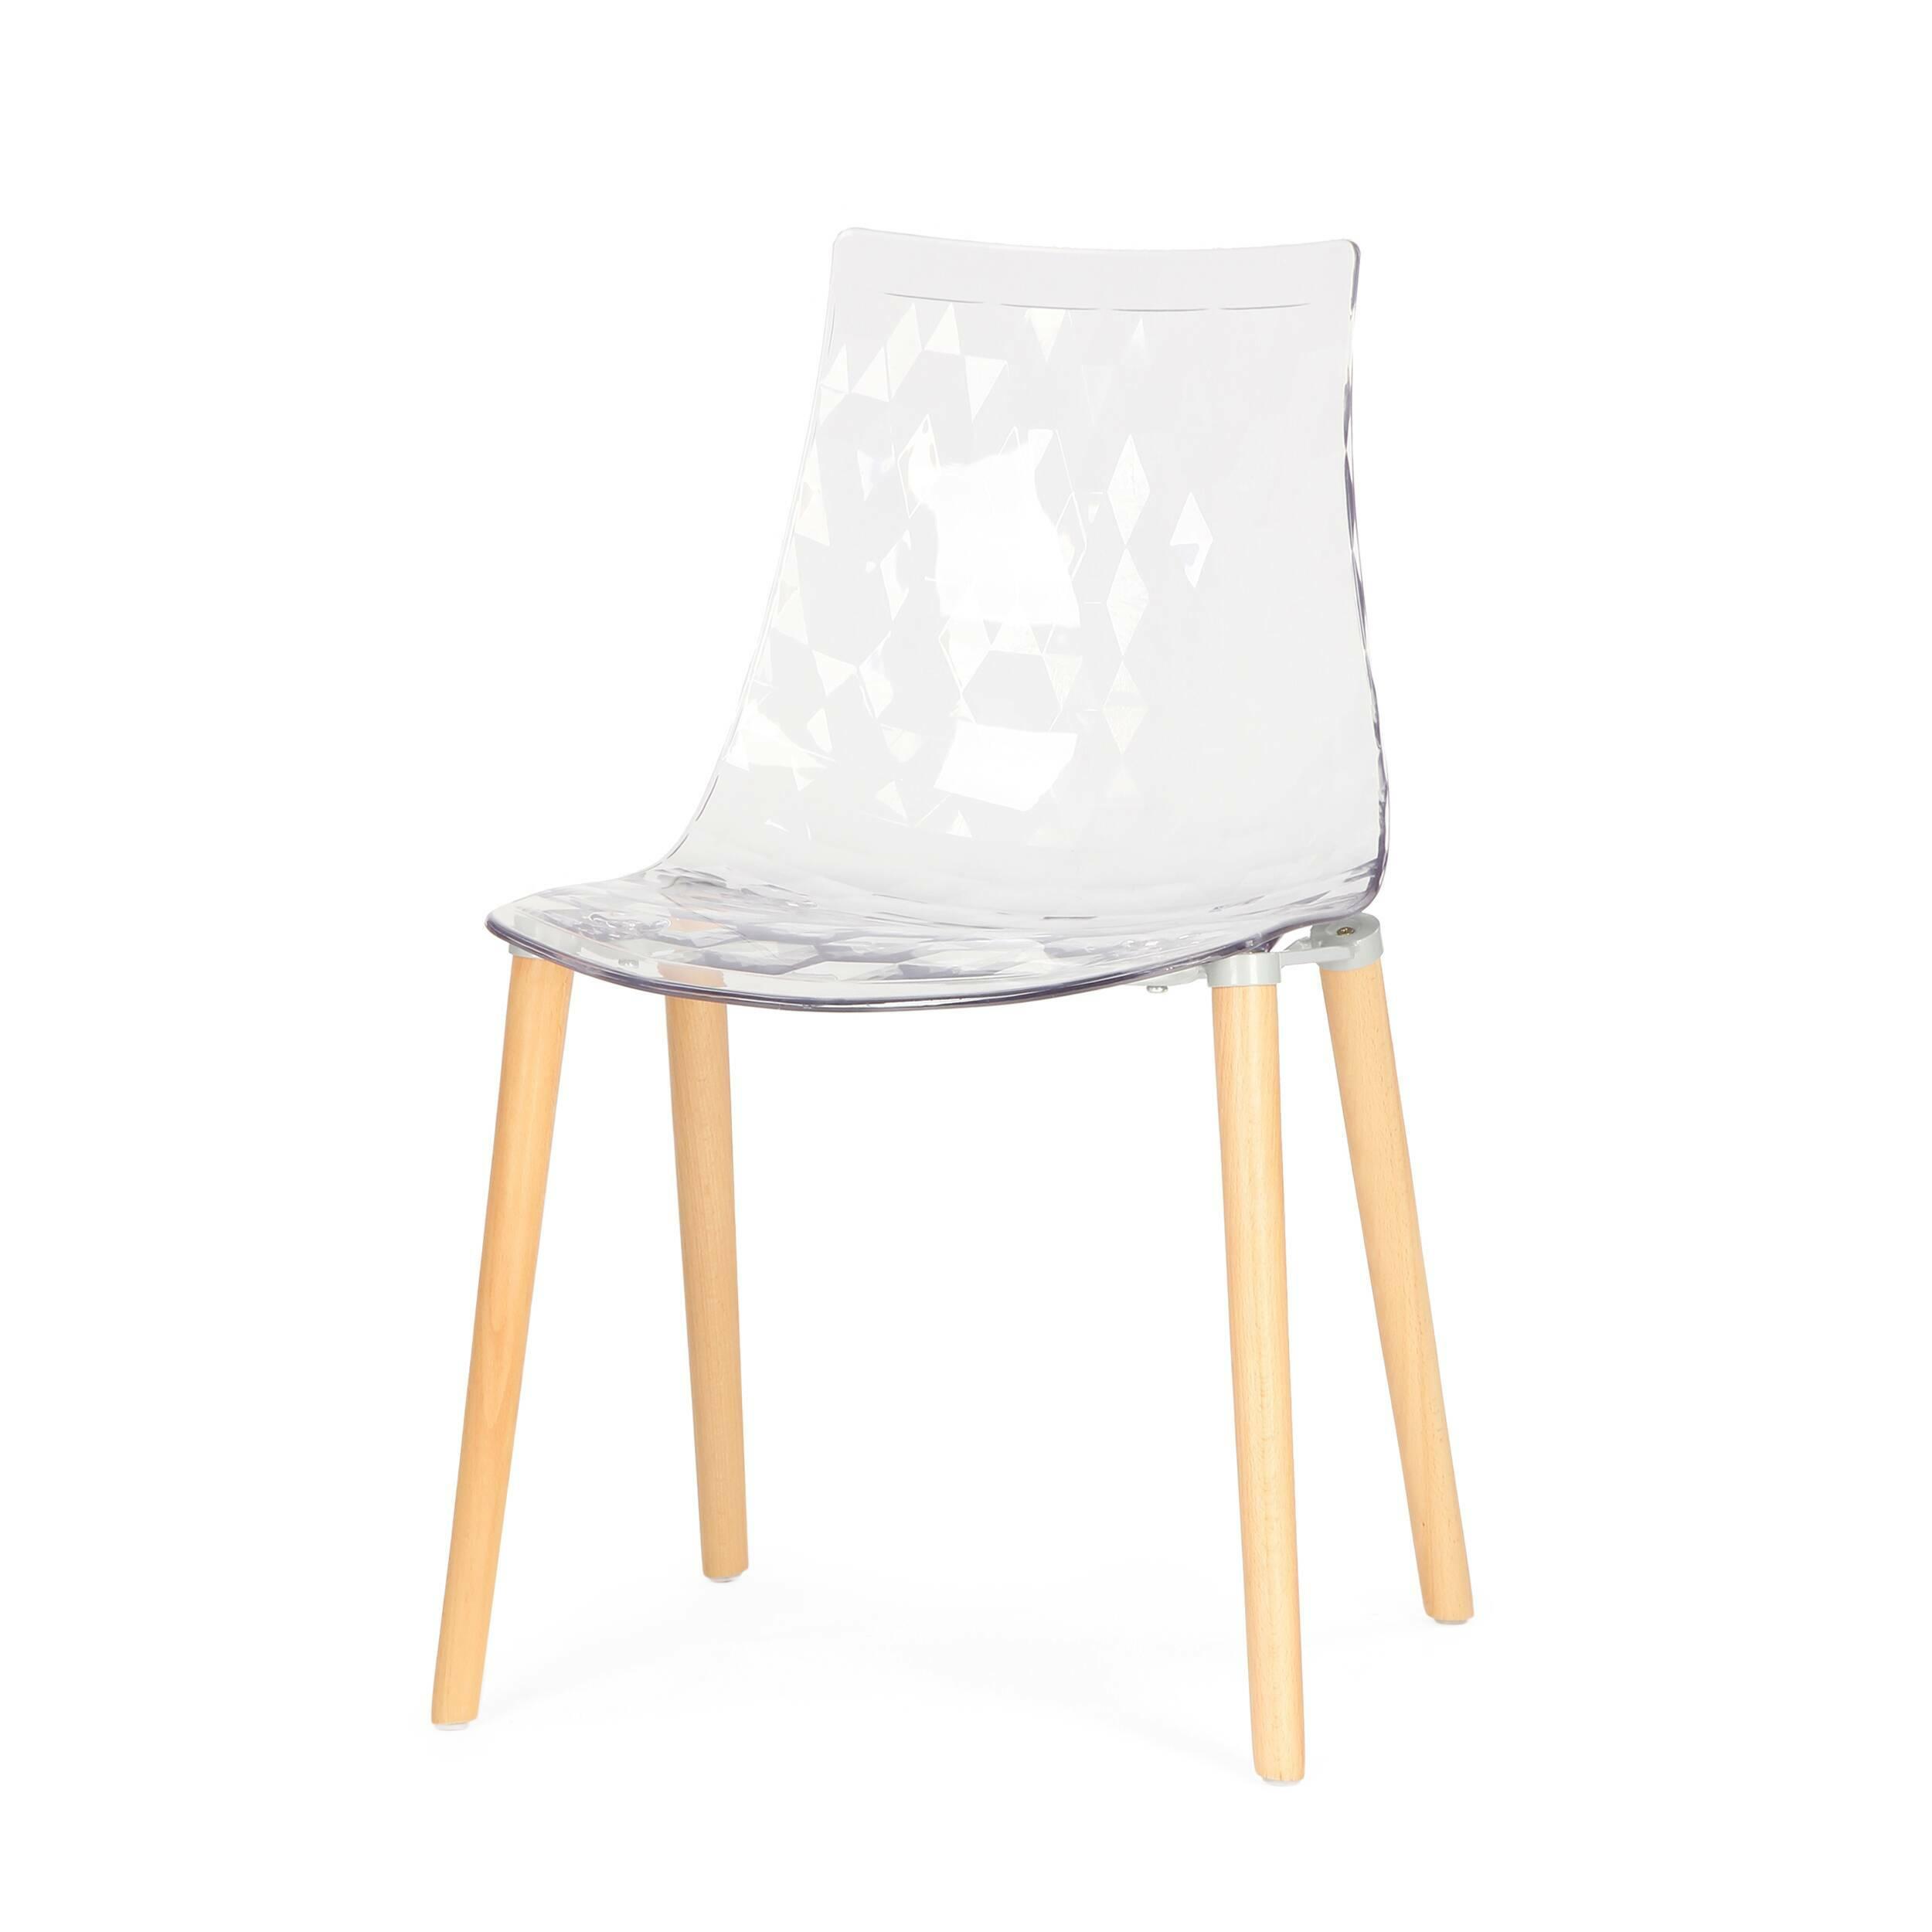 Стул Gauzy с деревянными ножкамиИнтерьерные<br>Дизайнерский светлый прозрачный стул Gauzy (Гаузи) из поликарбоната с деревянными ножками от Cosmo (Космо).<br><br>     Приятный лаконичный дизайн стула Gauzy с деревянными ножками обязательно порадует даже самых строгих ценителей современного дизайна. Мягкие изгибы стула не только хороши на вид, но на таком стуле комфортно сидеть. Это легкая вариация оригинального стула, который собран с ножками из металла. <br><br><br>     Необычное ребристое тиснение на поверхности сиденья — одна из основных особенн...<br><br>stock: 0<br>Высота: 80<br>Высота сиденья: 45<br>Ширина: 51<br>Глубина: 54.5<br>Цвет ножек: Светло-коричневый<br>Материал каркаса: Поликарбонат<br>Материал ножек: Массив ясеня<br>Тип материала каркаса: Пластик<br>Тип материала ножек: Дерево<br>Цвет каркаса: Прозрачный